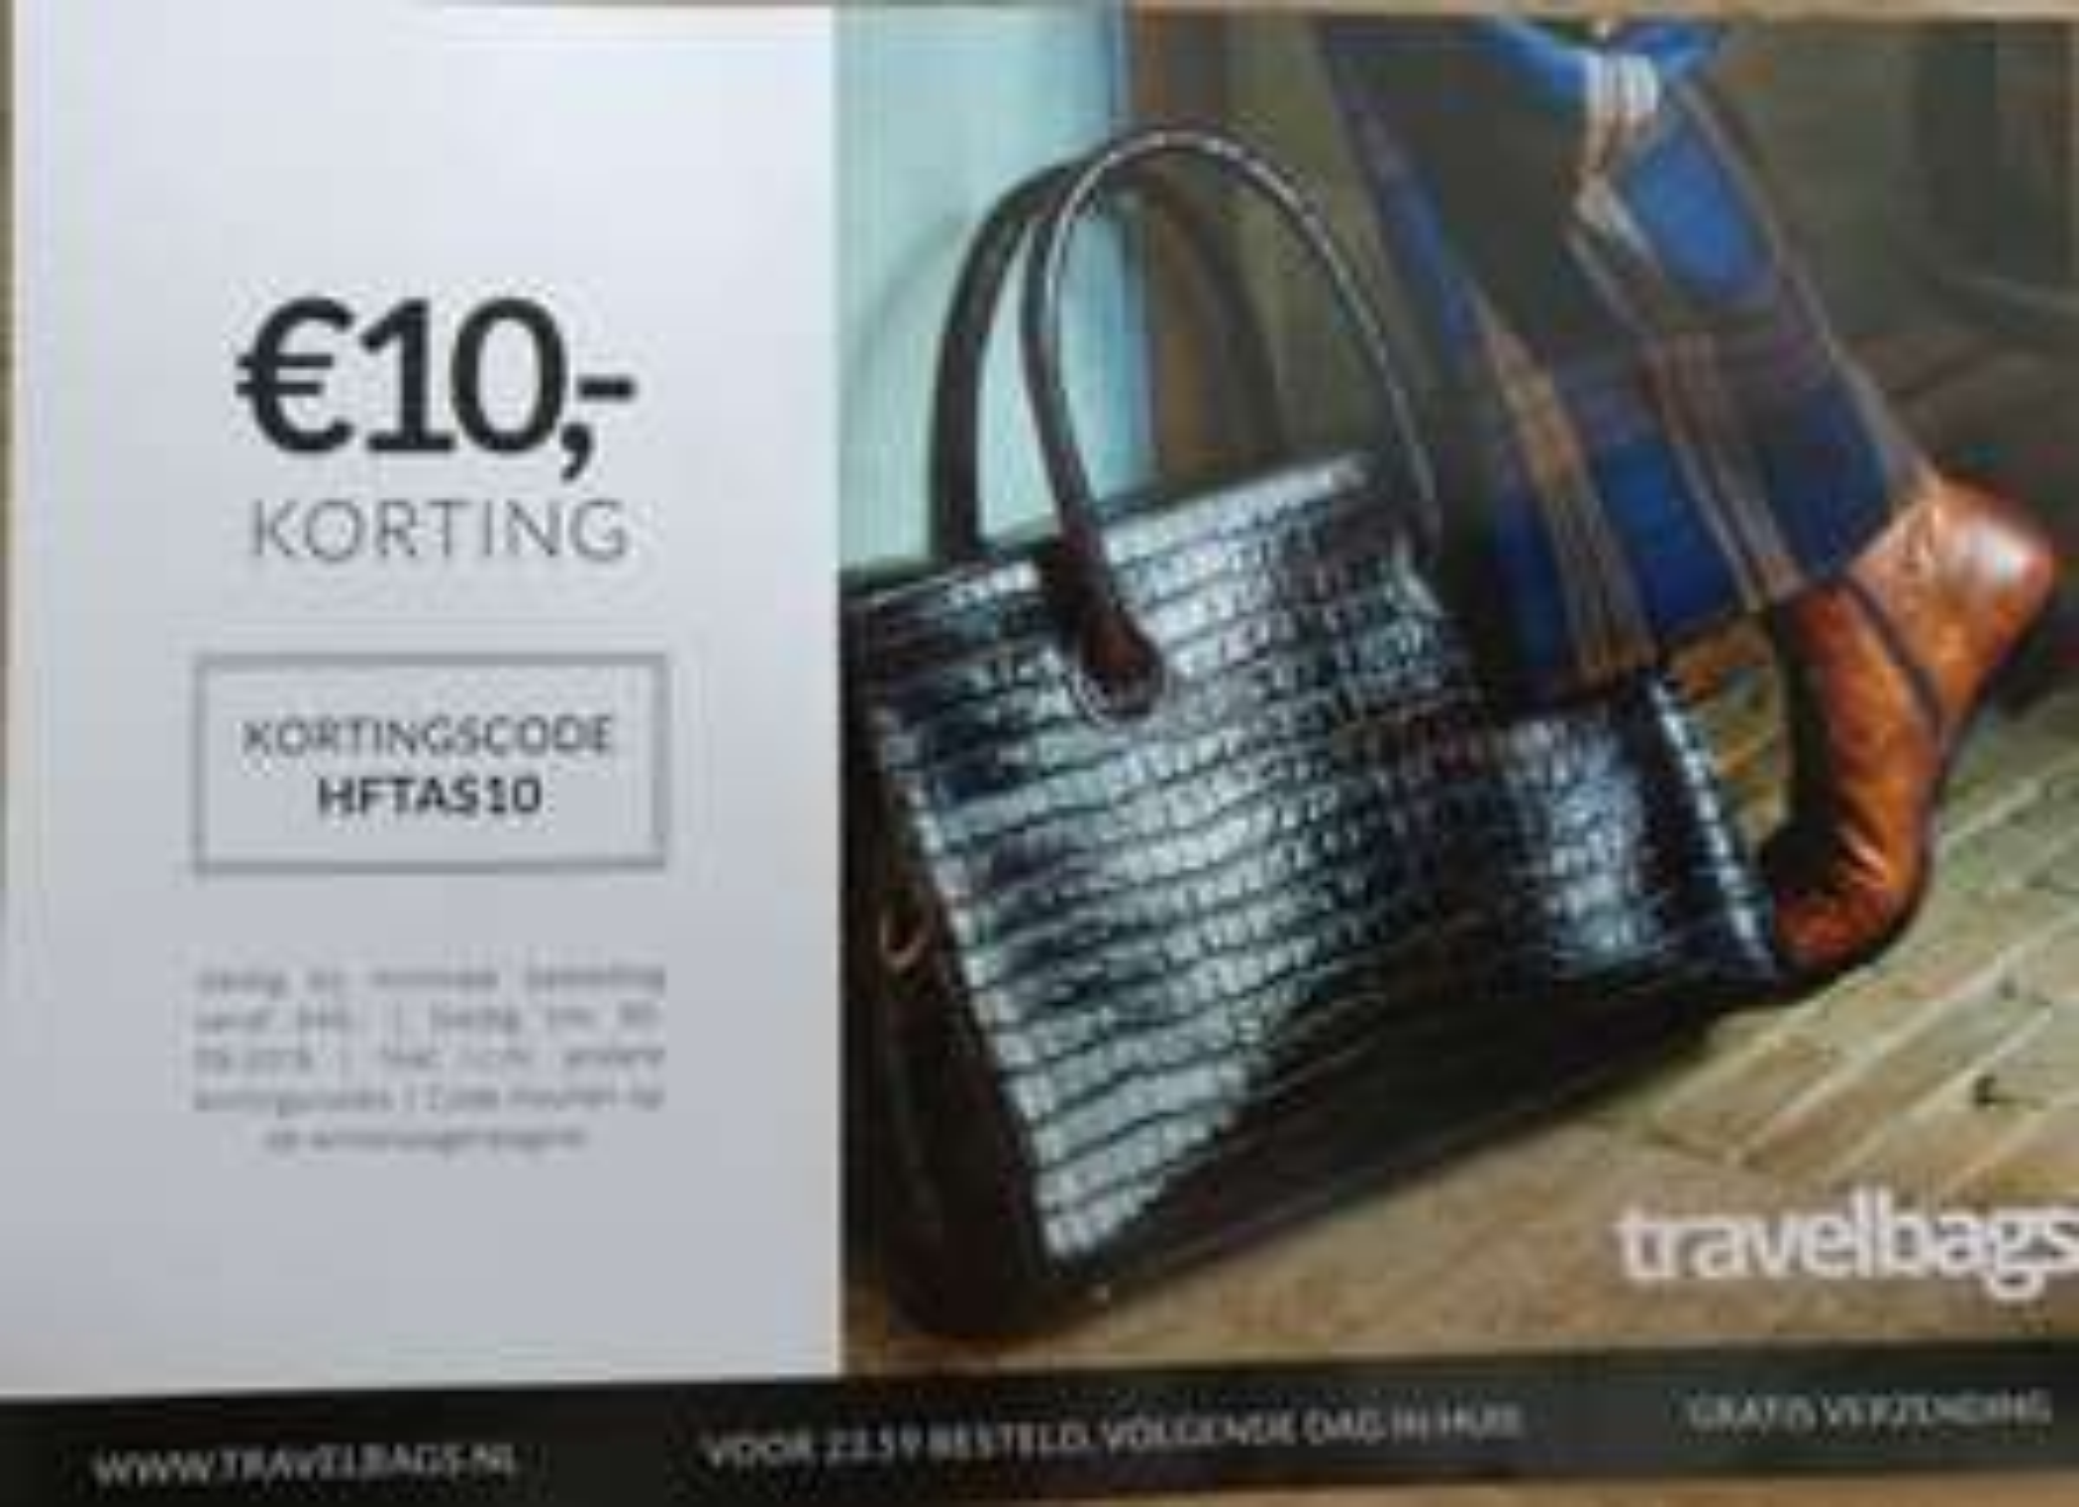 10 euro korting bij Travelbags (bijv. voor Secrid)